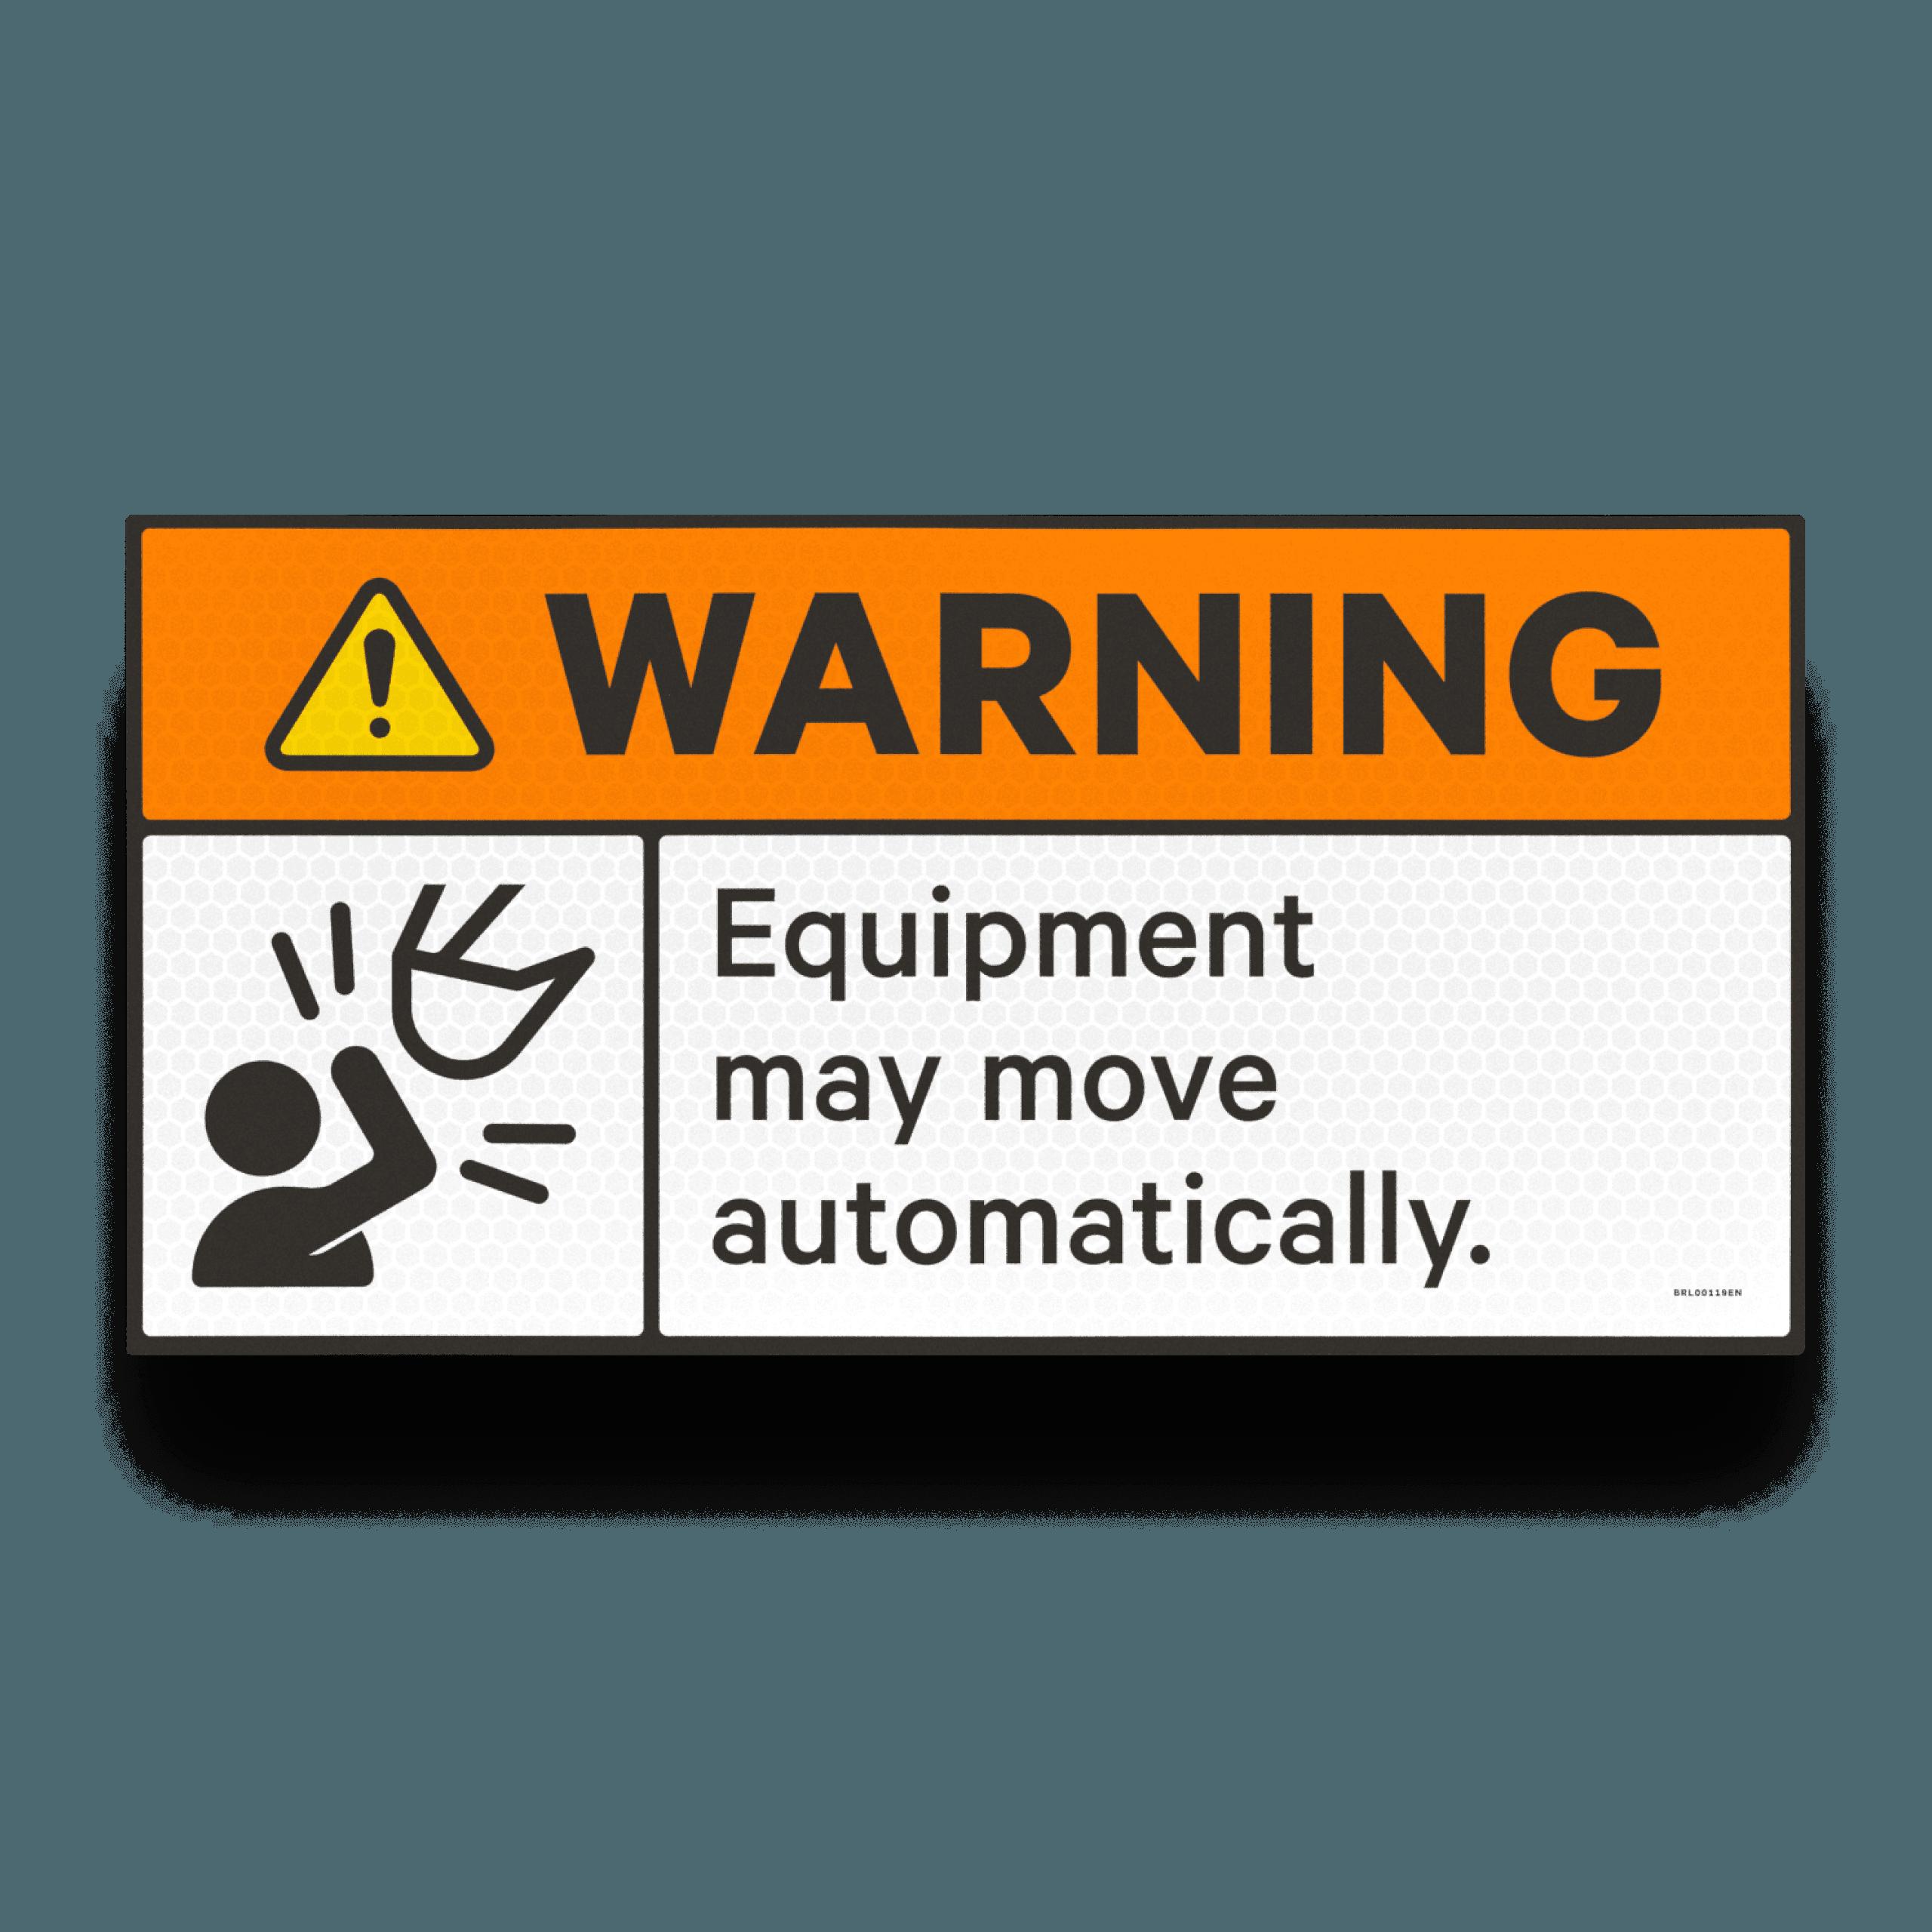 Field kit safety